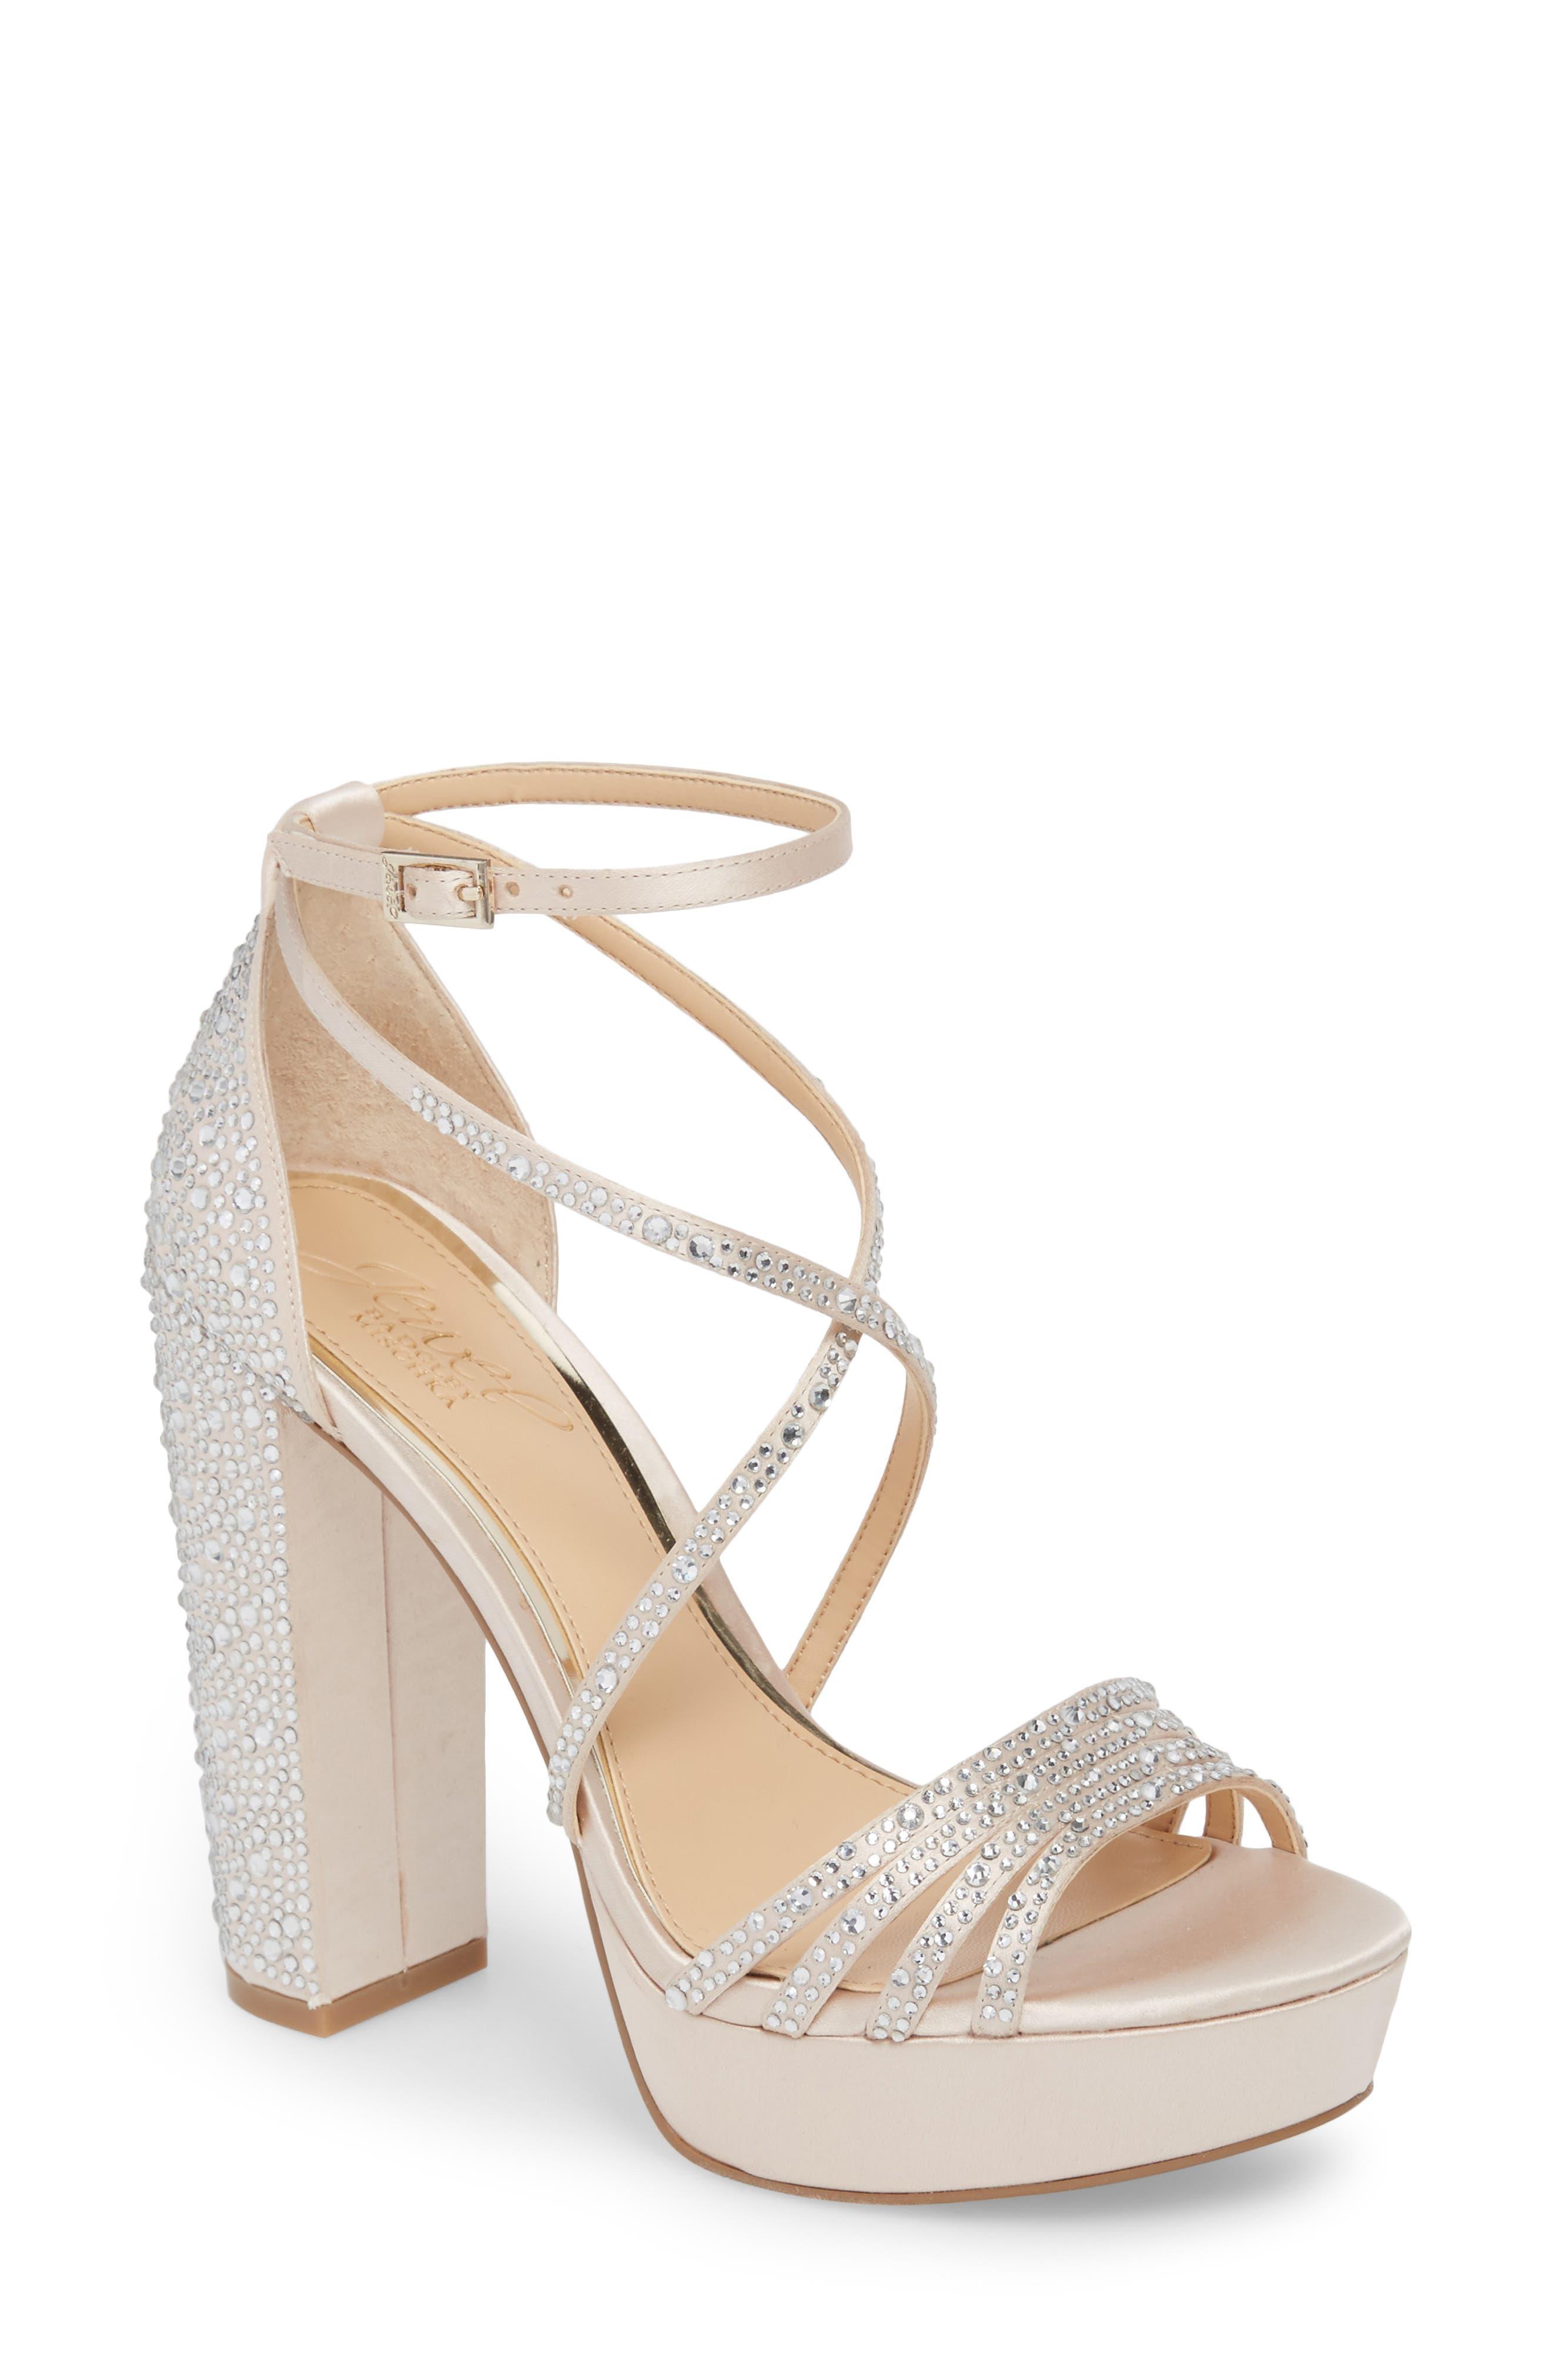 Tarah Crystal Embellished Platform Sandal,                         Main,                         color, Champagne Satin